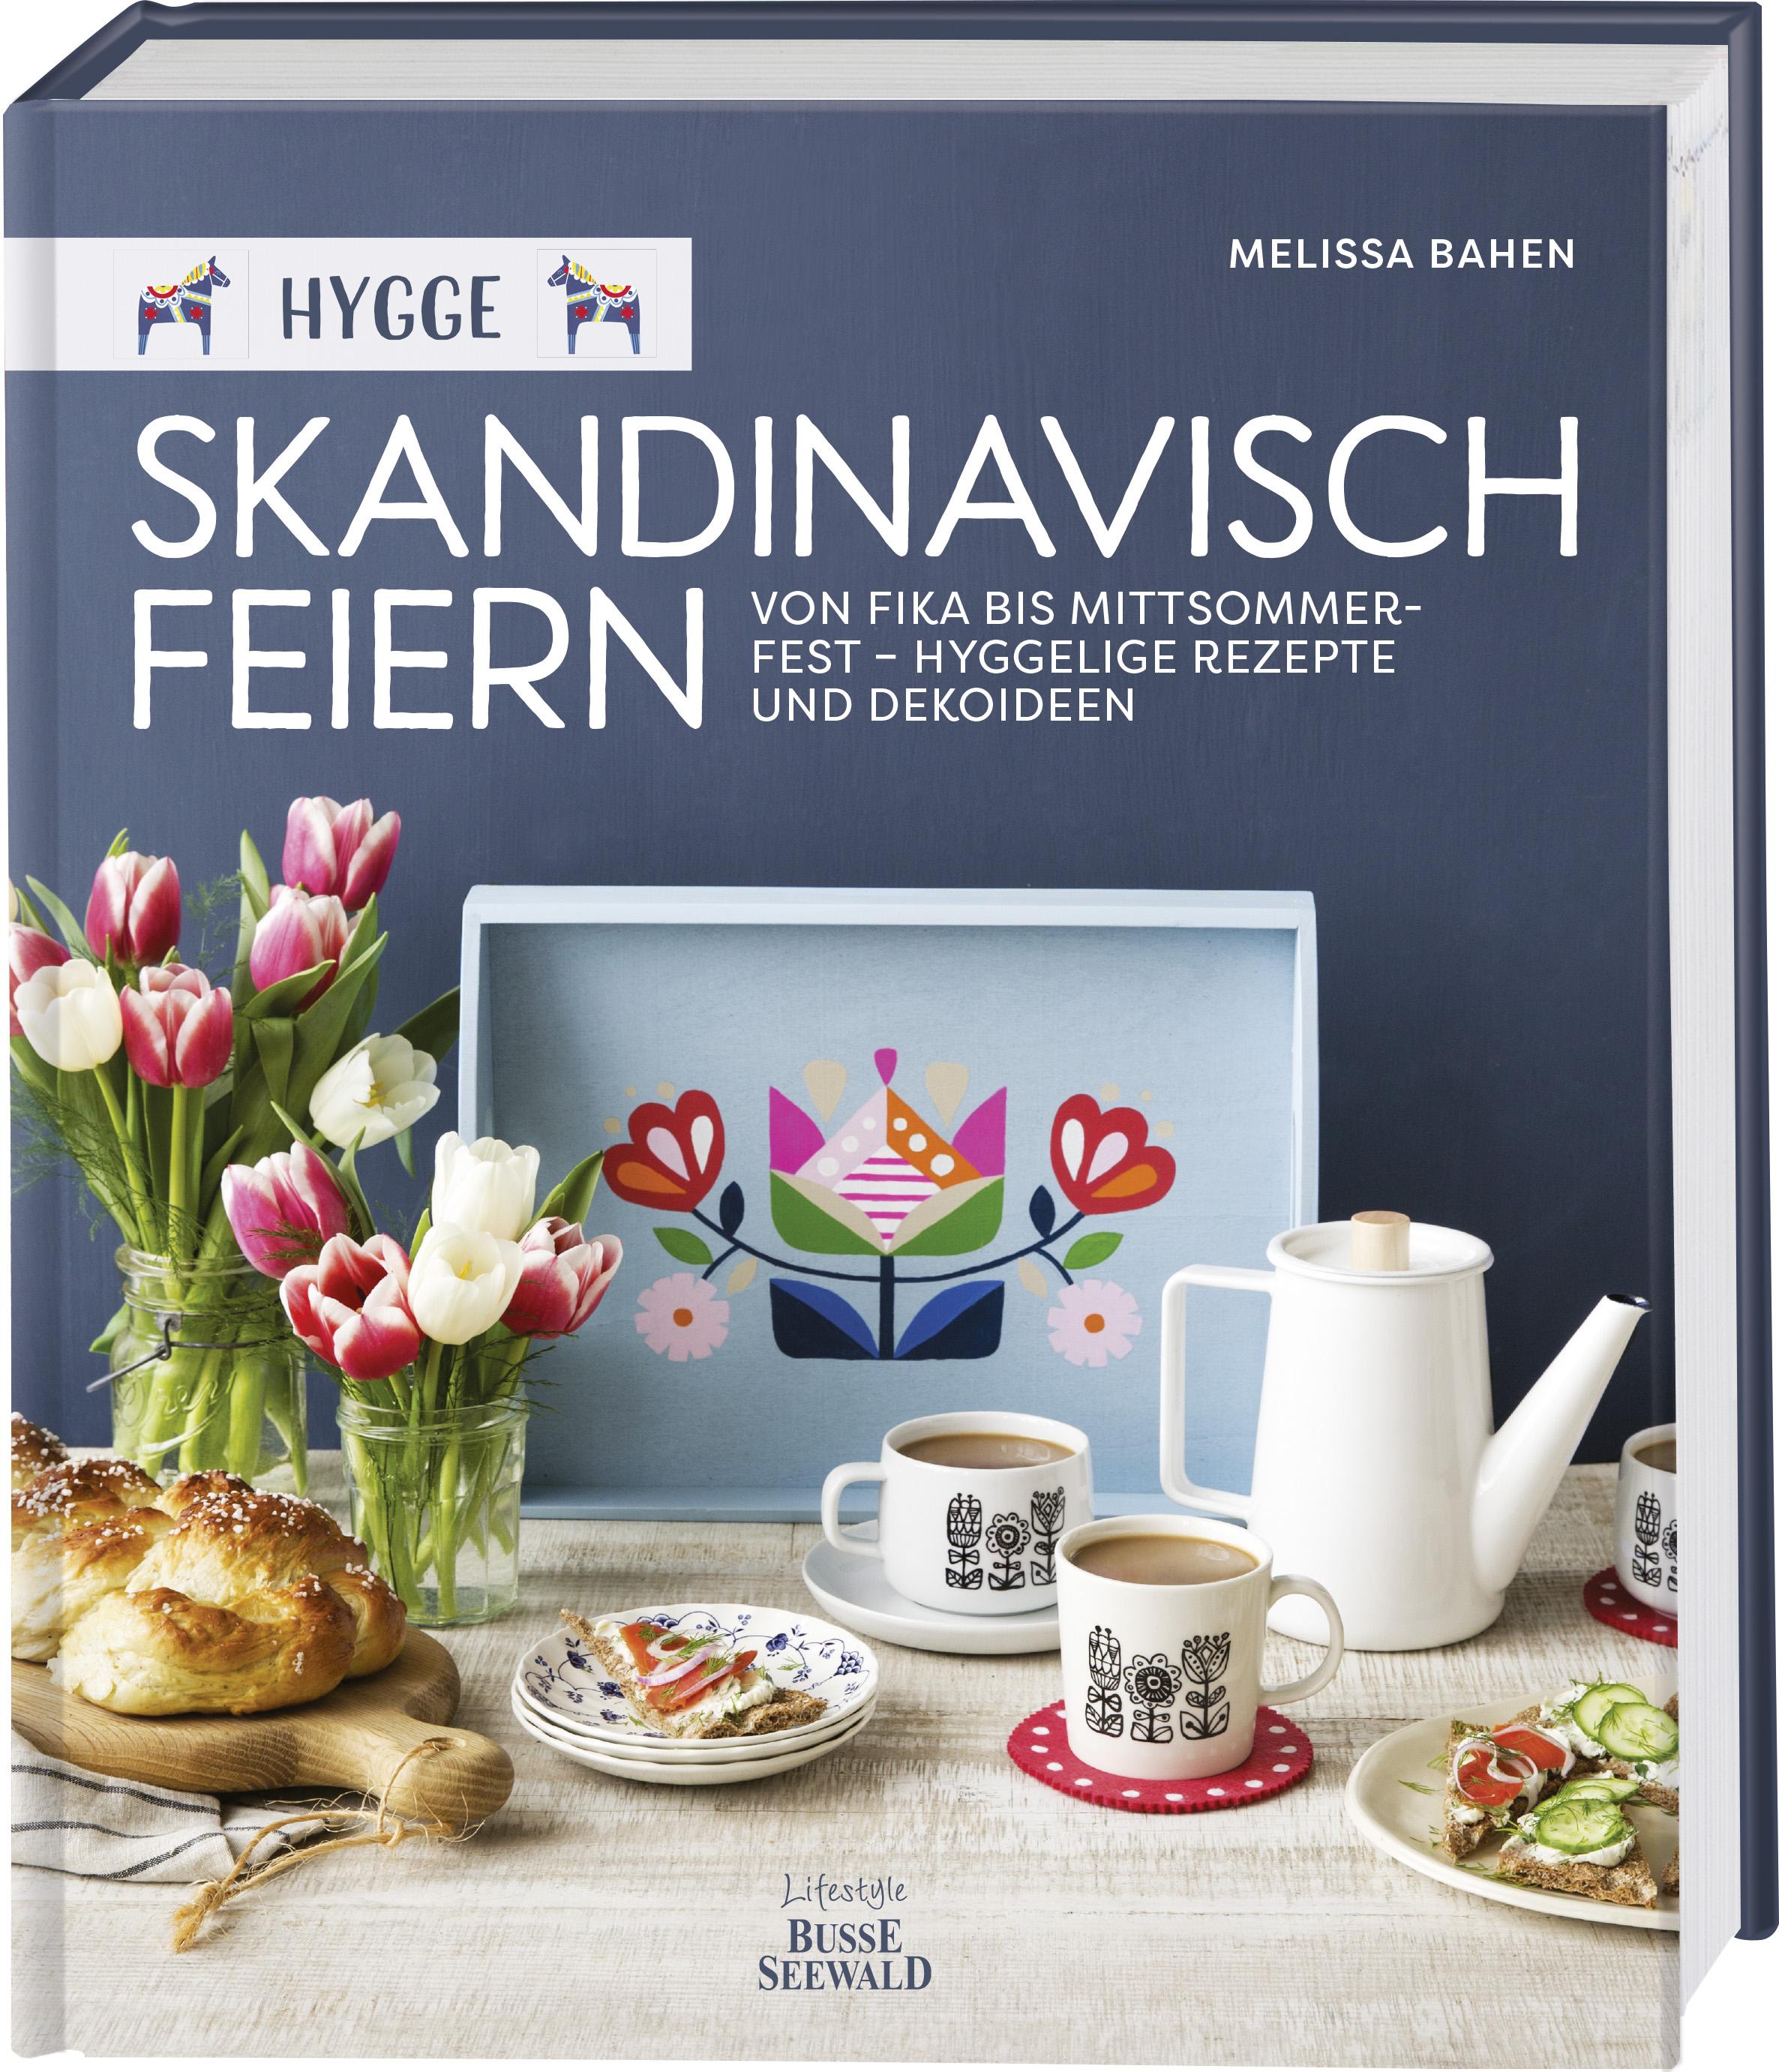 Hygge - Skandinavisch feiern